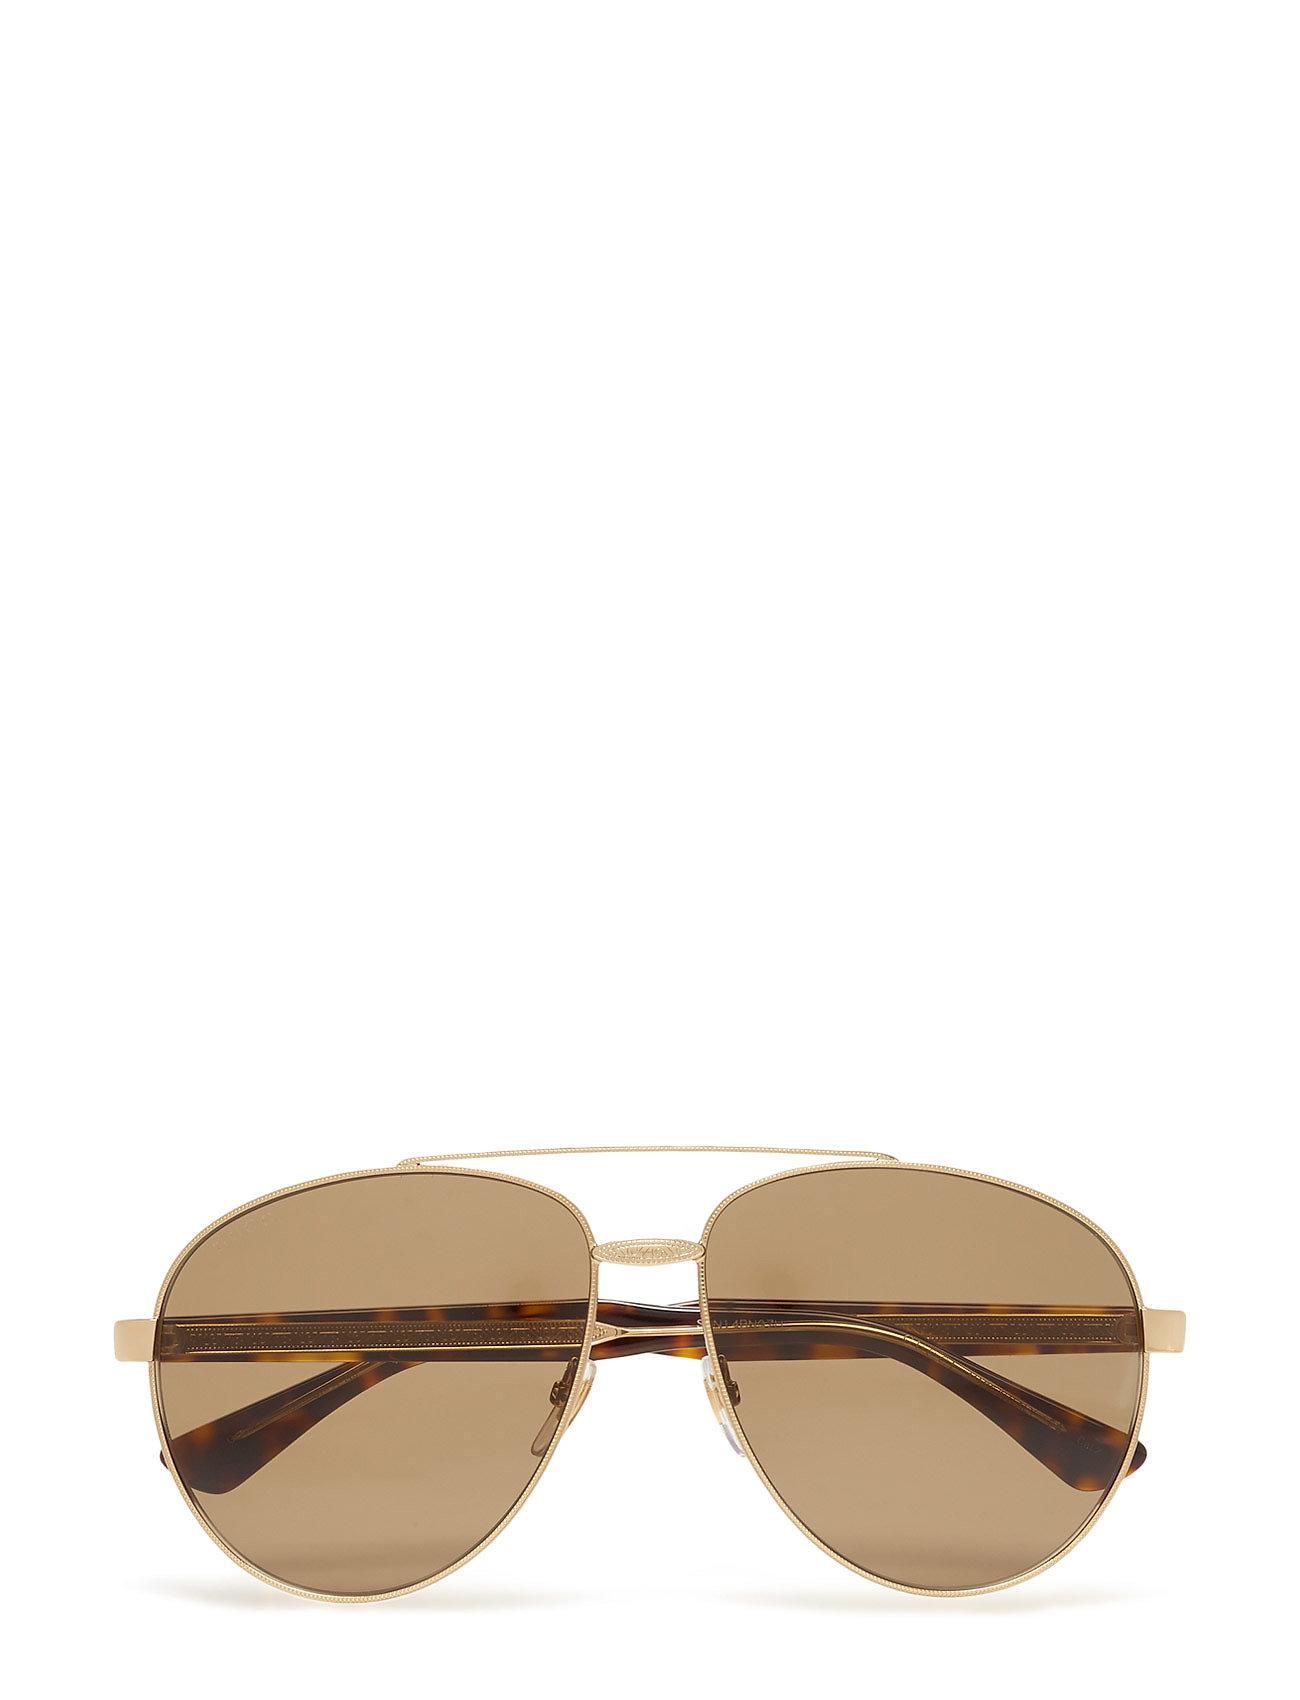 Gg0054s Gucci Sunglasses Solbriller til Herrer i